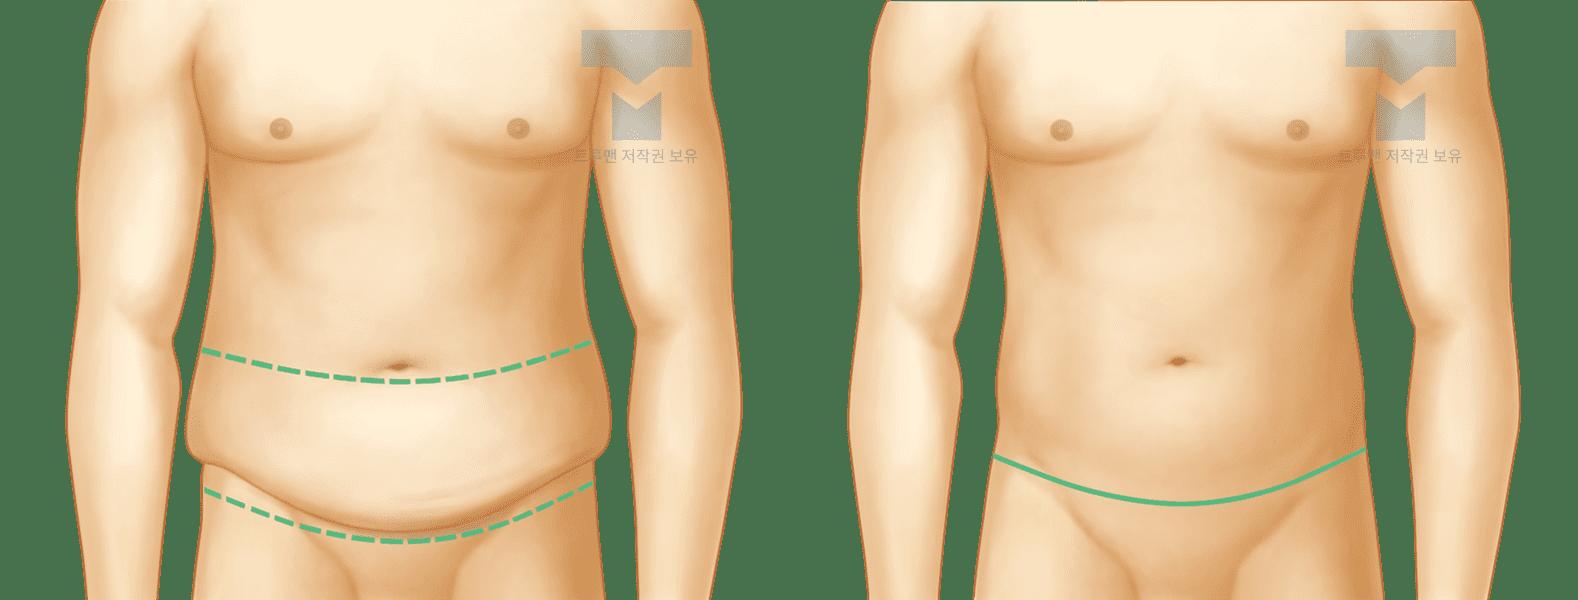 트루맨 처진 복부 교정 수술